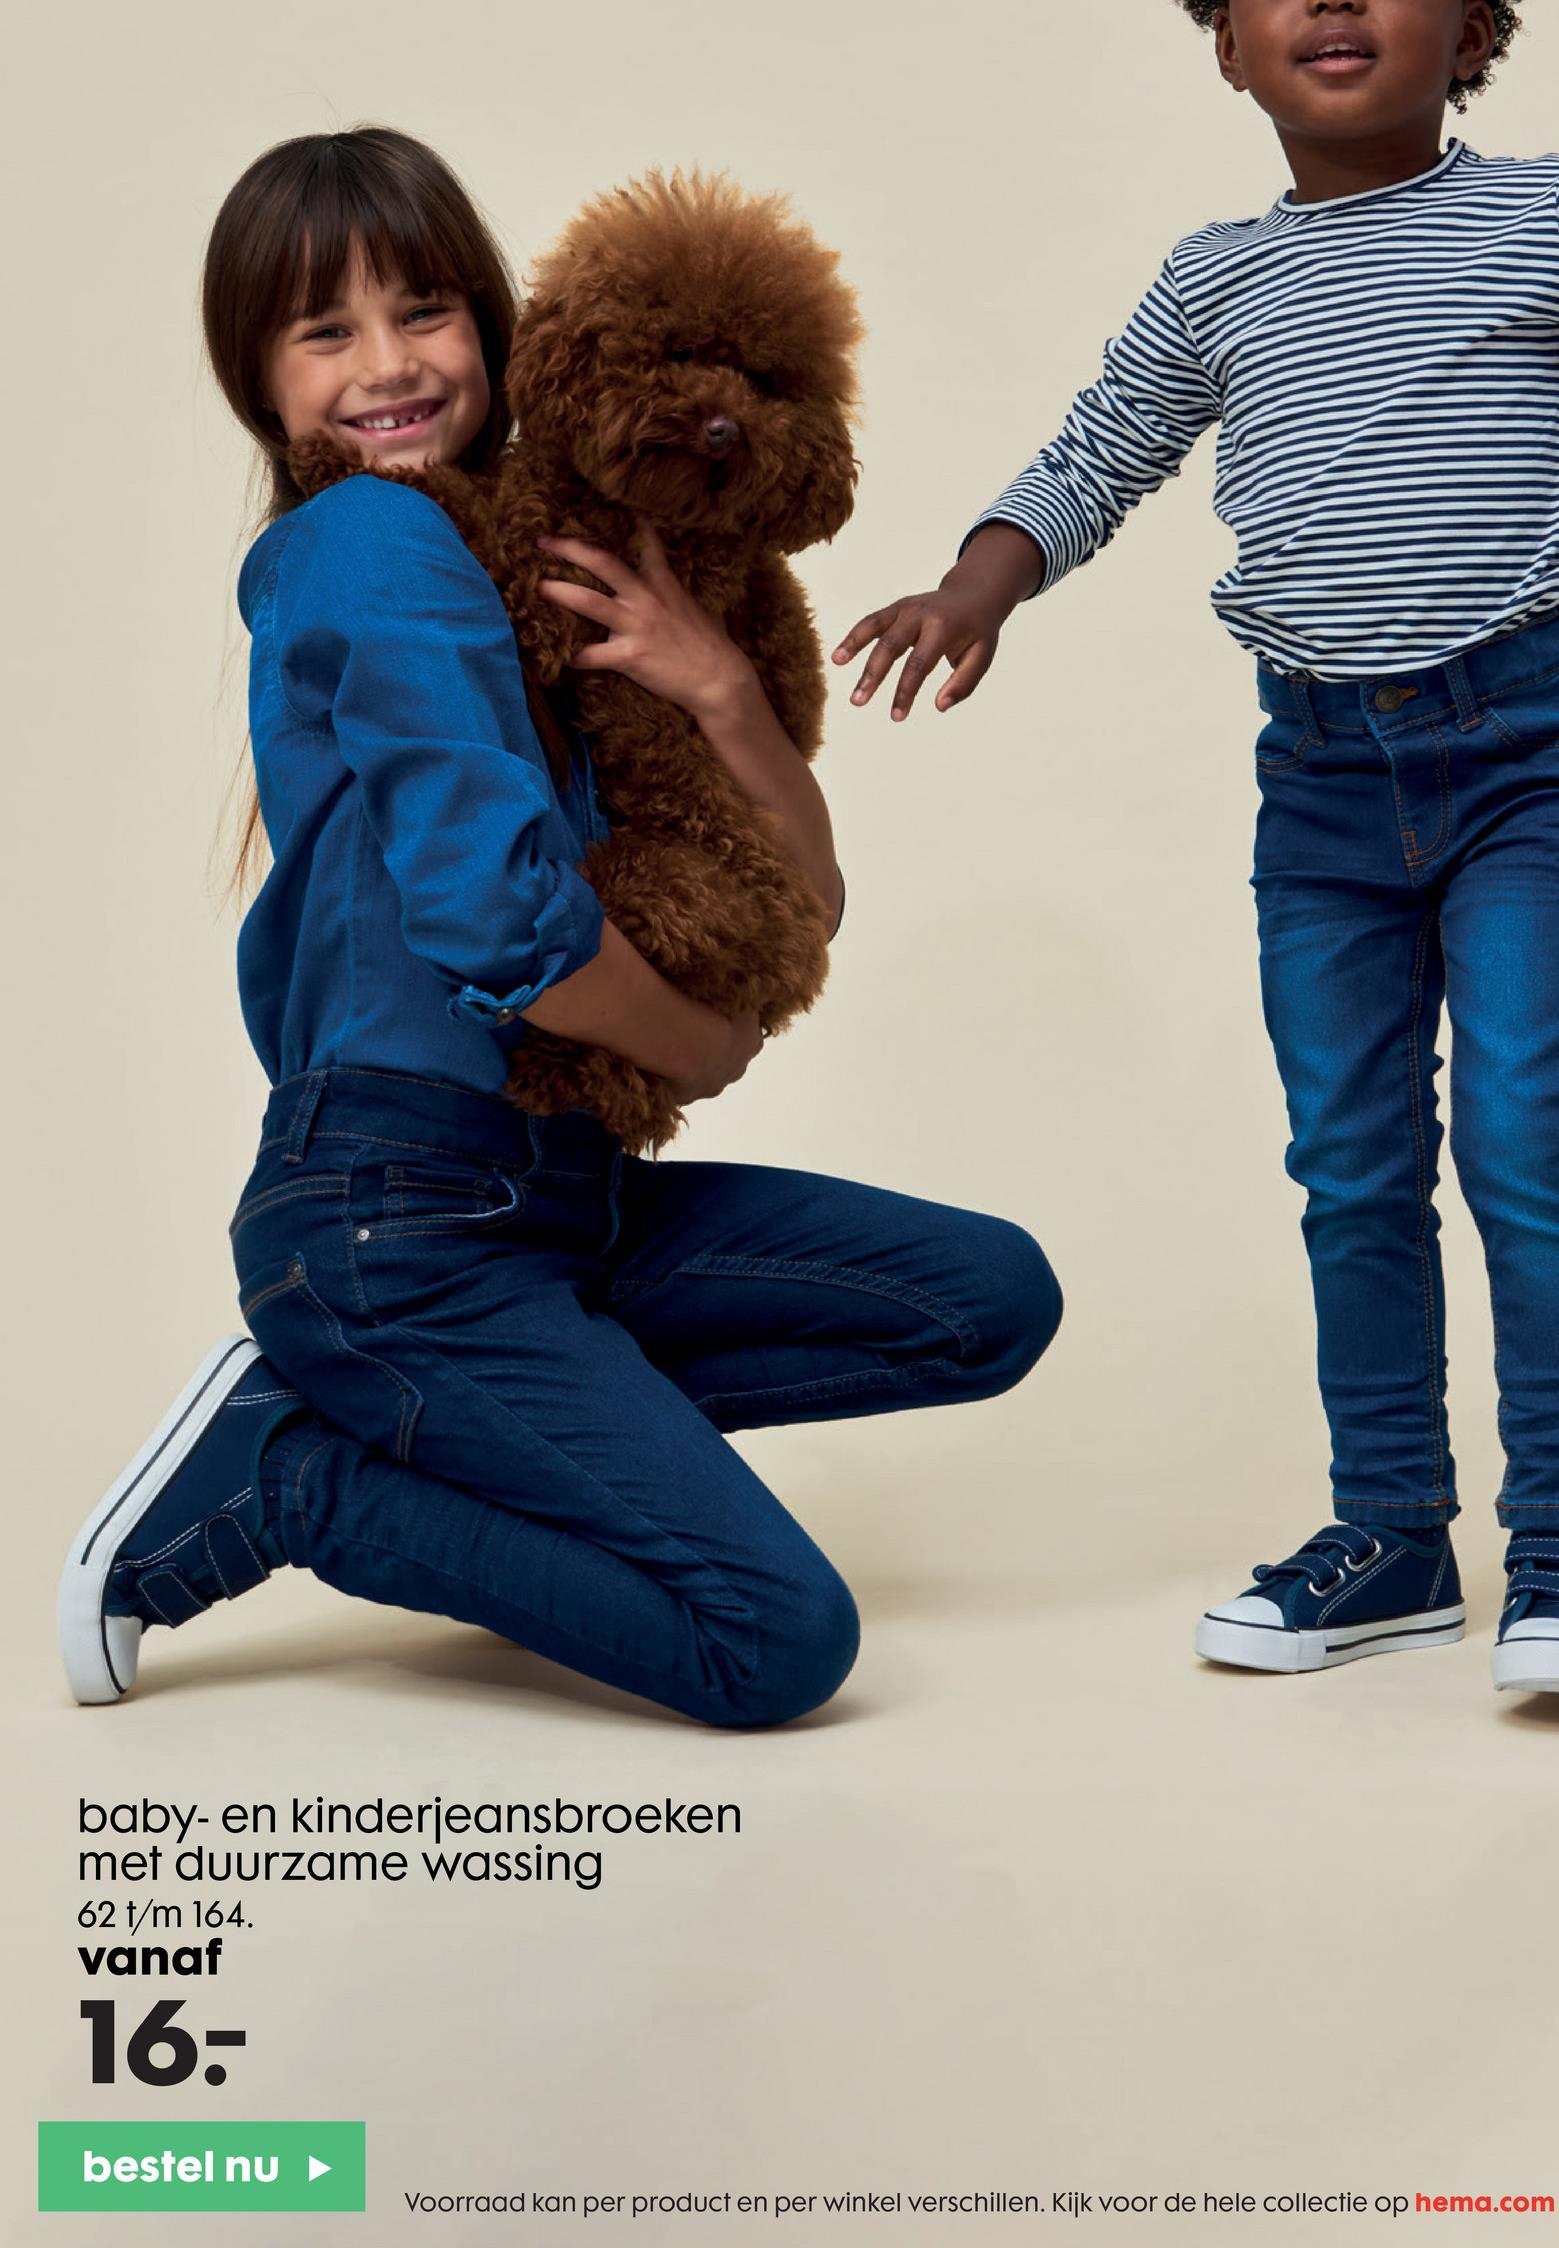 baby- en kinderjeansbroeken met duurzame wassing 62 t/m 164. vanaf 16- bestel nu Voorraad kan per product en per winkel verschillen. Kijk voor de hele collectie op hema.com